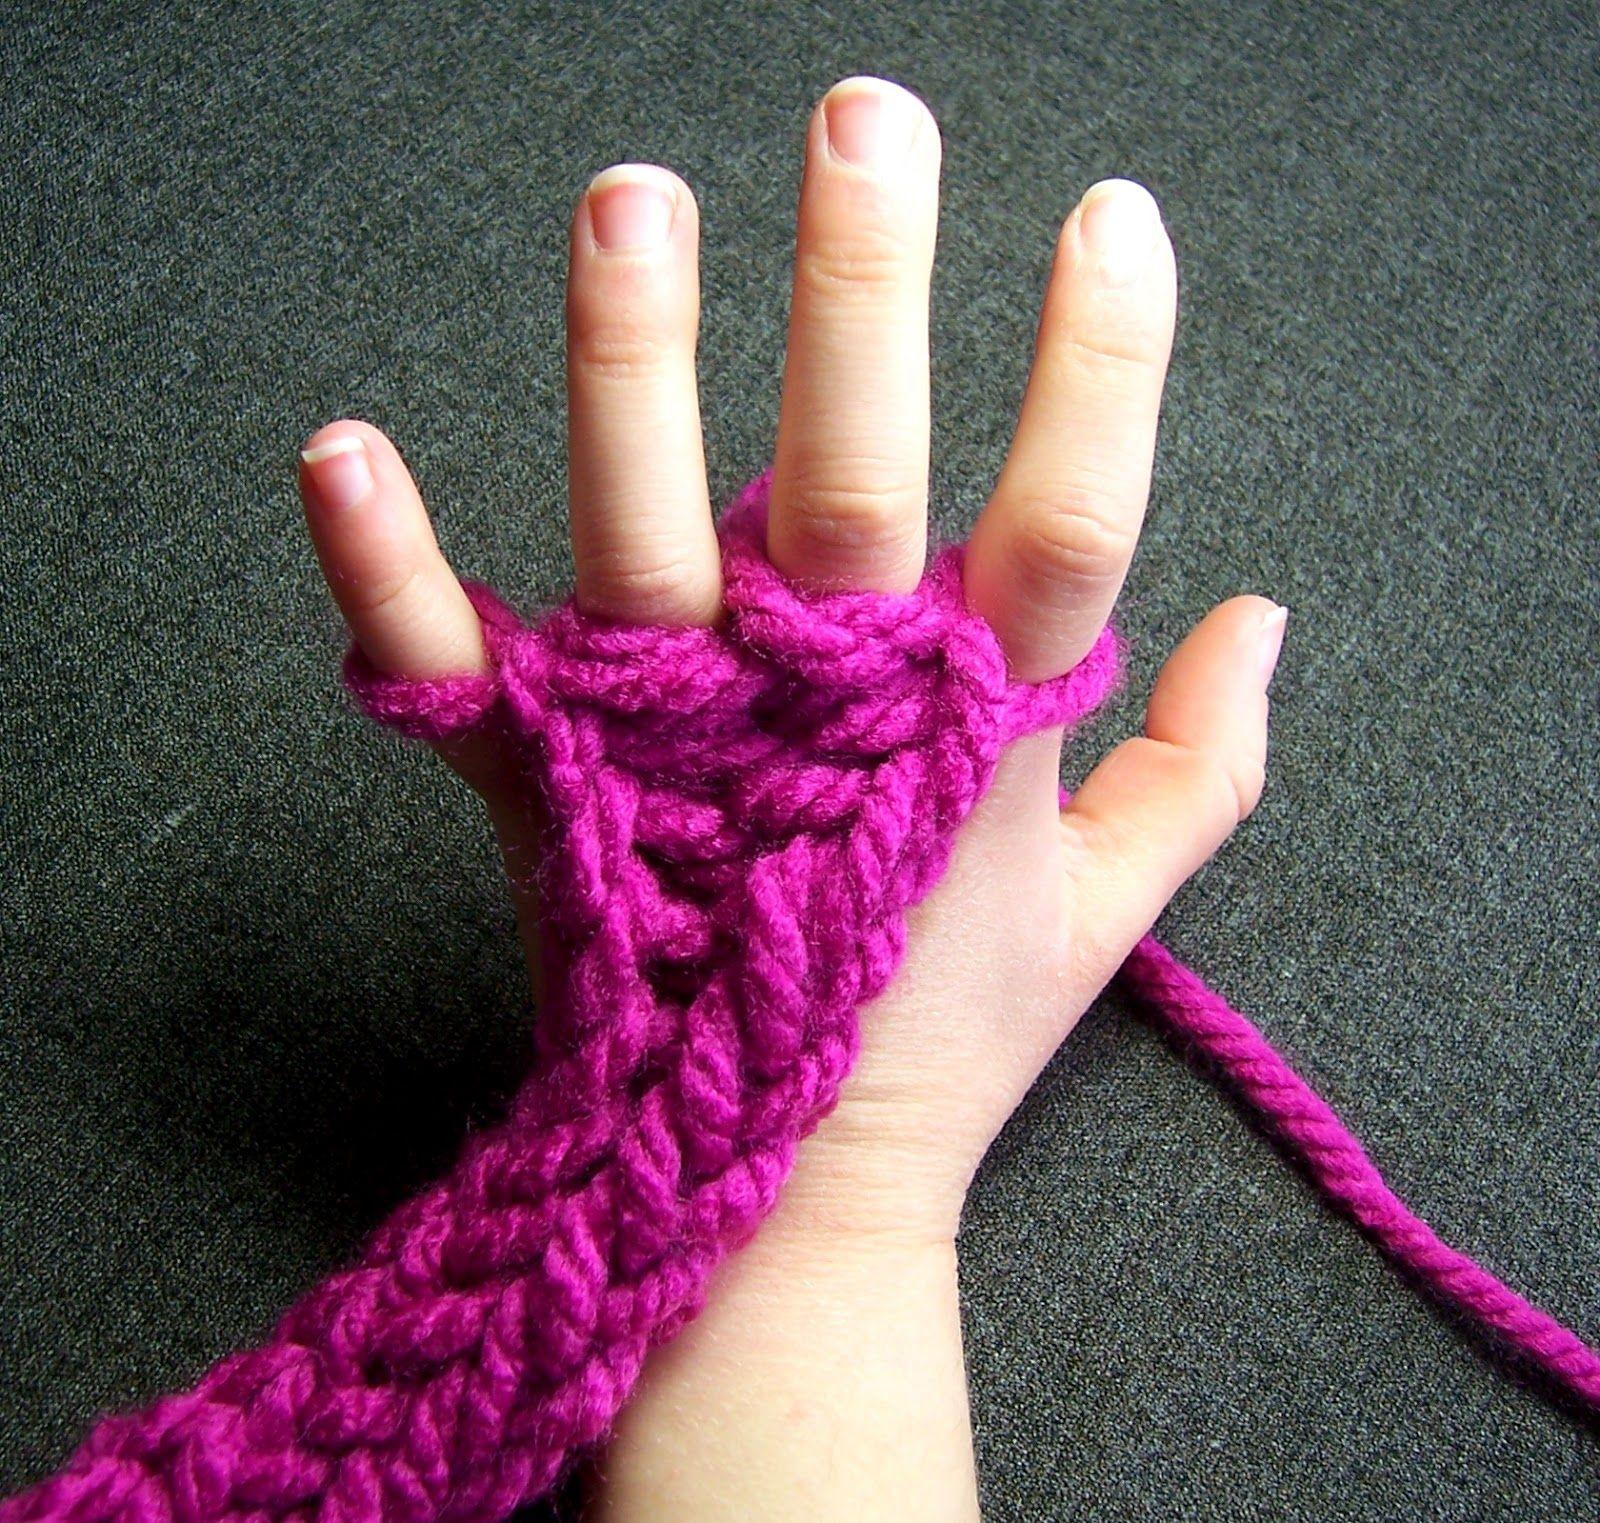 Cómo tejer gorros con los dedos fácilmente | manualidades.